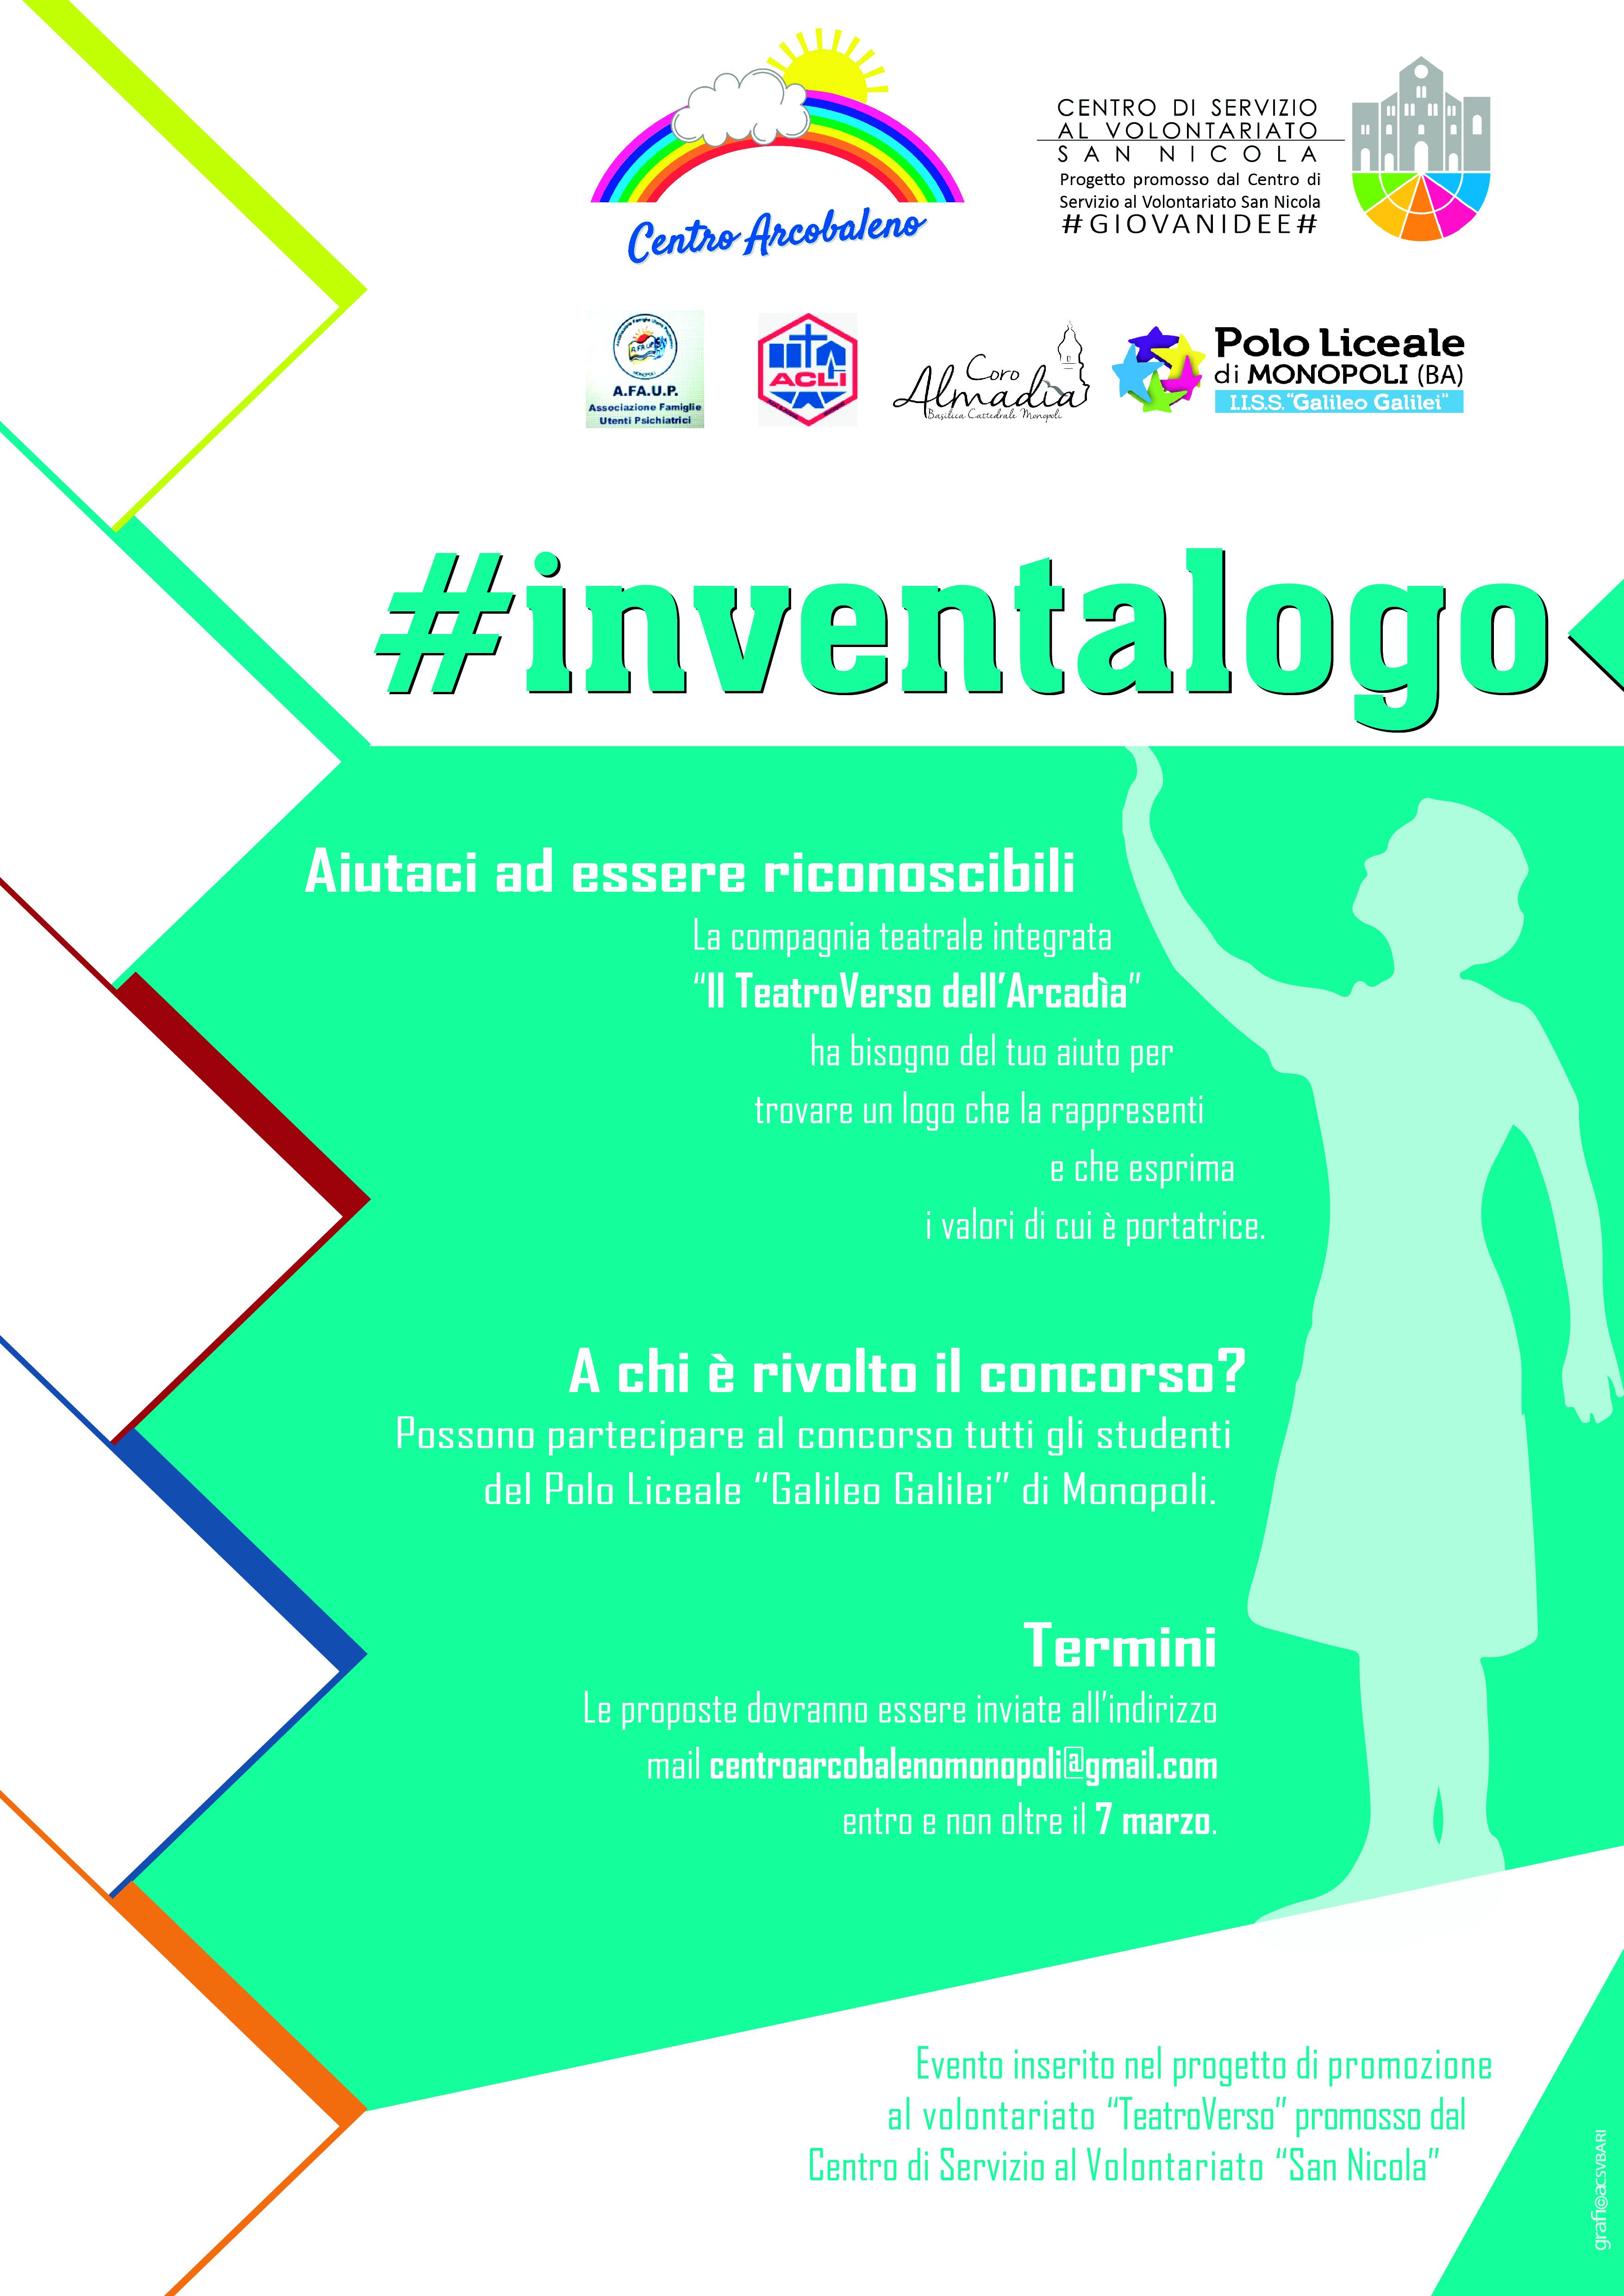 Locandina #INVENTALOGO - TeatroVerso dell'Arcadìa #GIOVANIDEE-